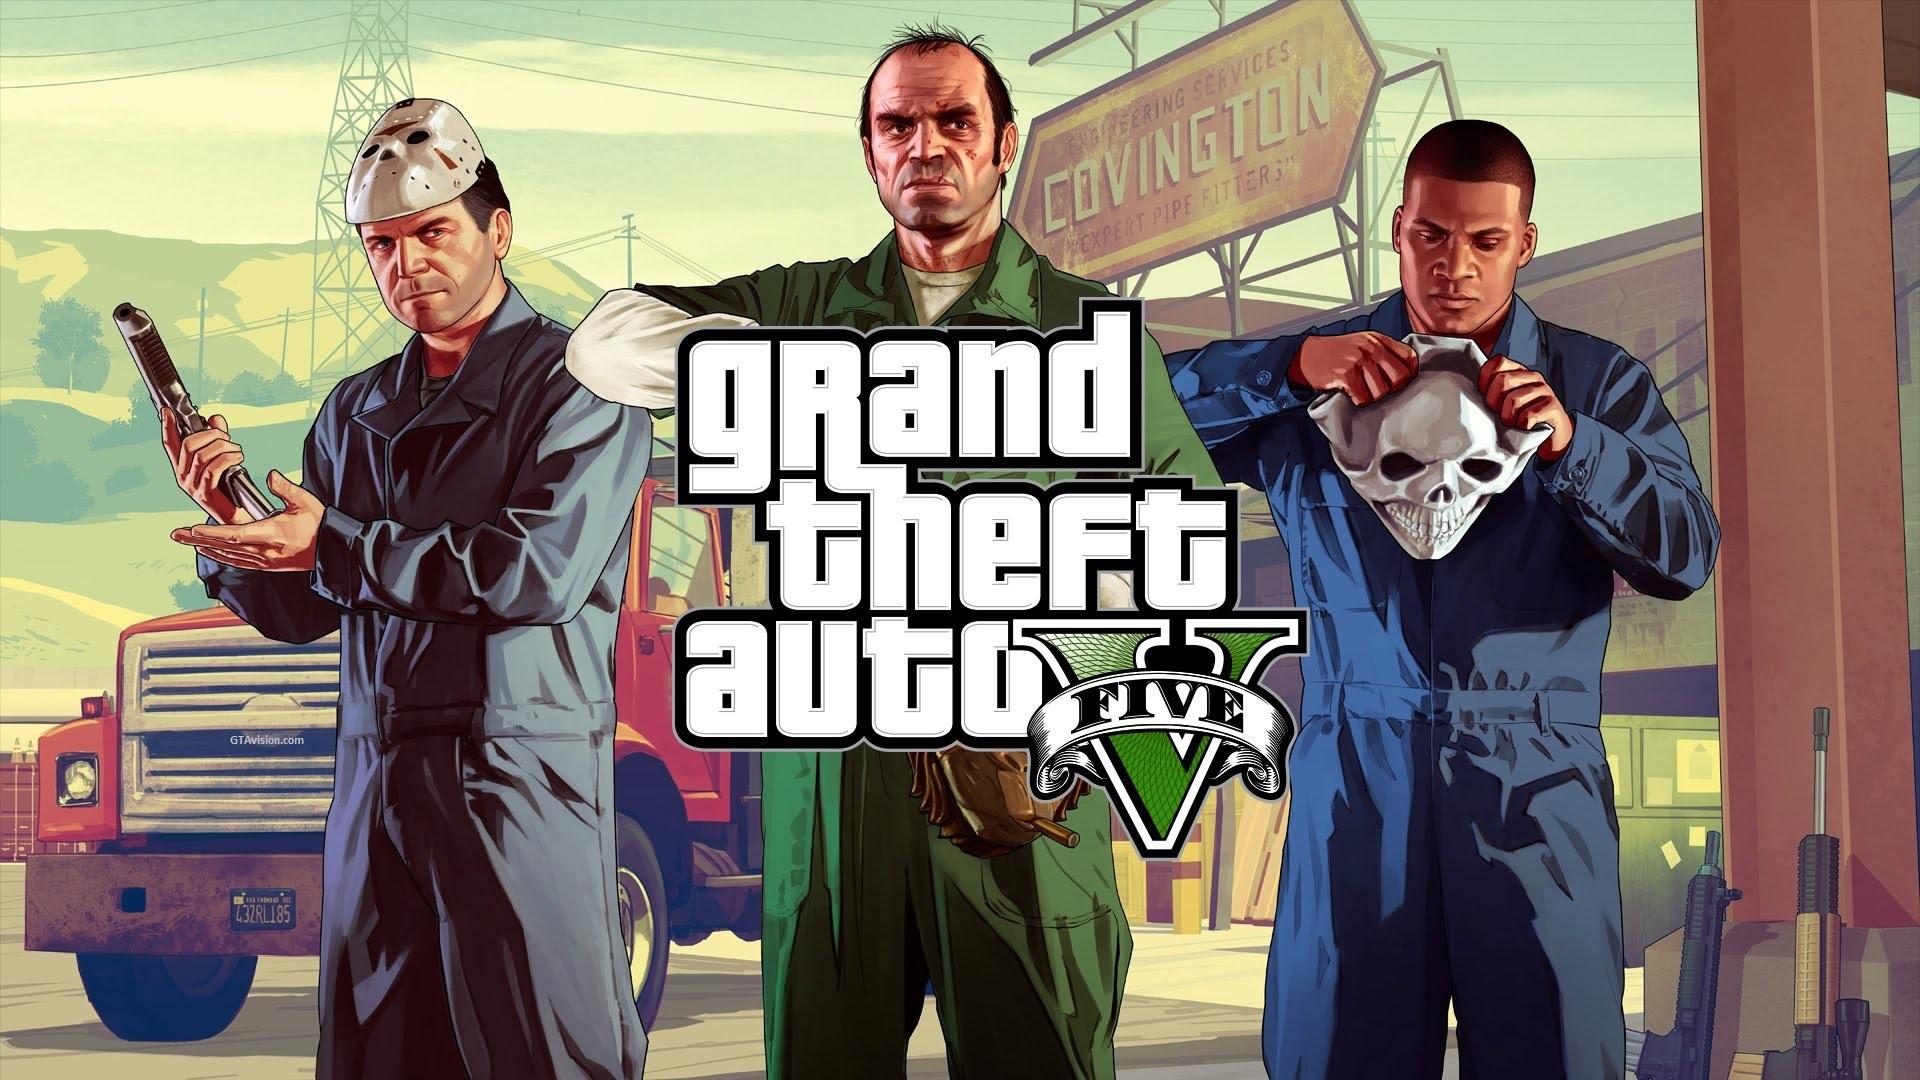 Neues Artwork der drei GTA V Charaktere in HQ - GTAvision